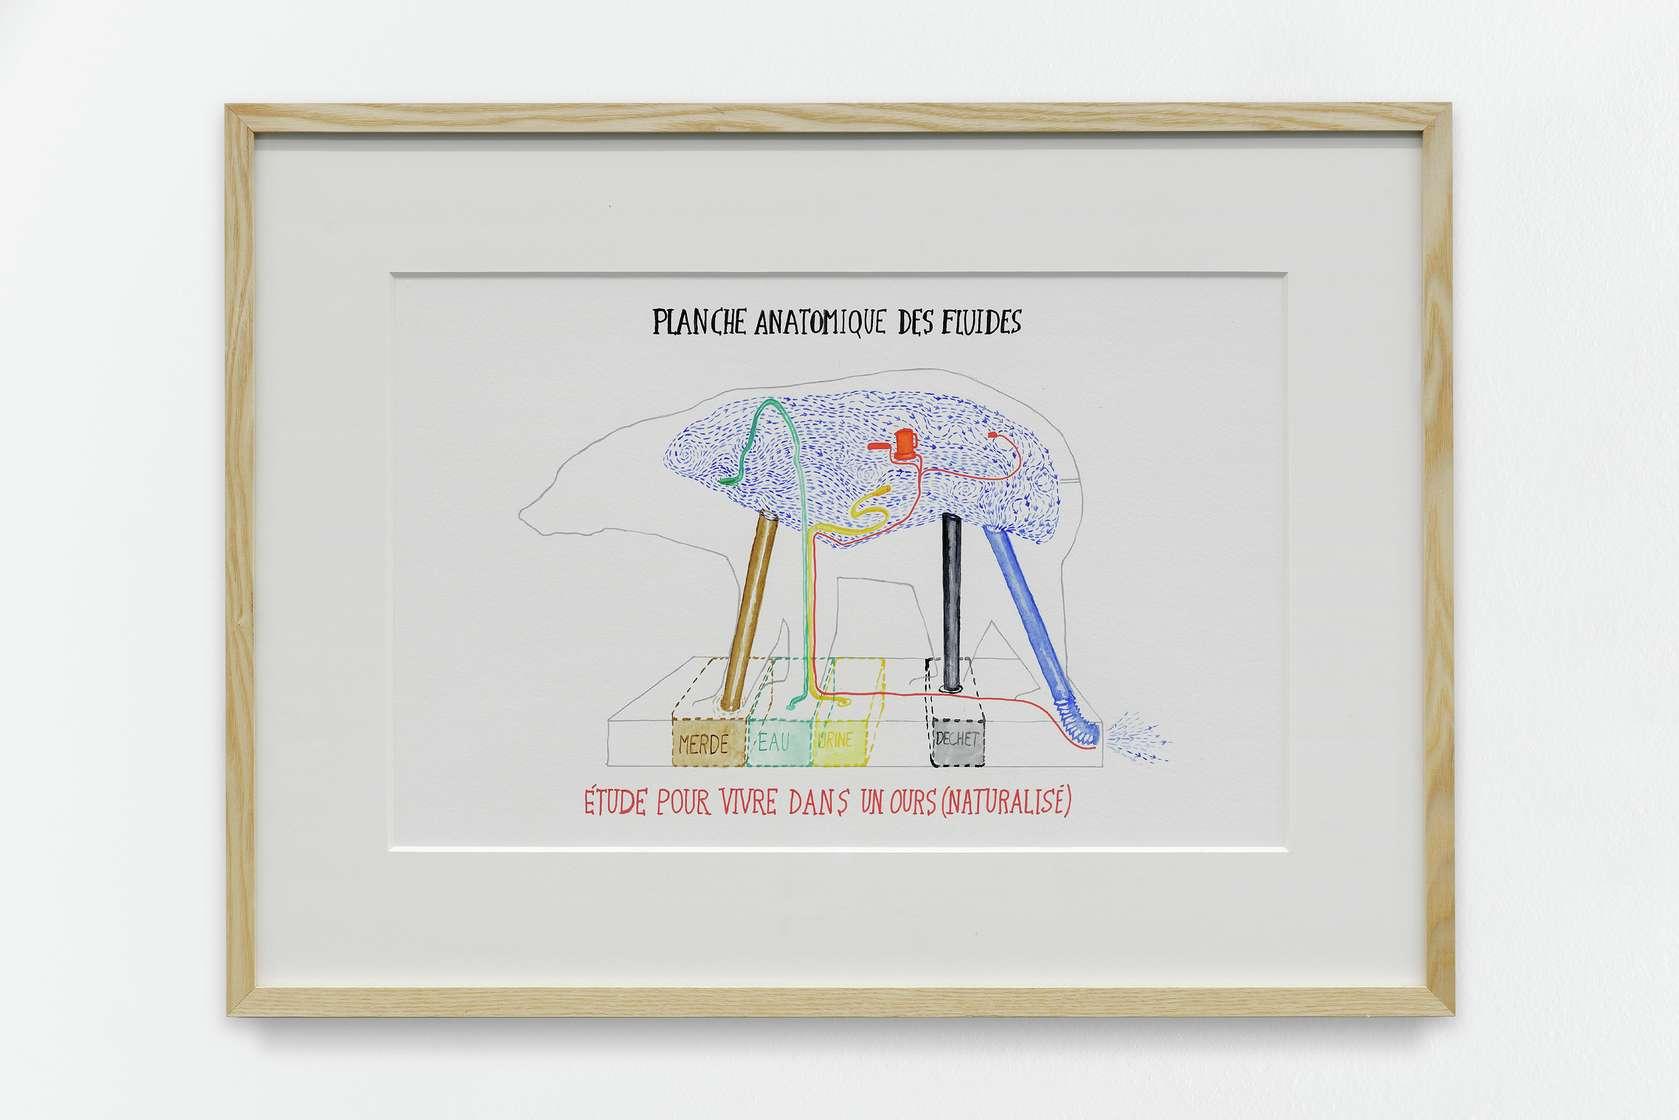 Abraham Poincheval, Etude pour vivre dans un ours (naturalisé), 2014 Crayon et aquarelle sur papier50 x 67 cm / 19 5/8 x 26 3/8 inches